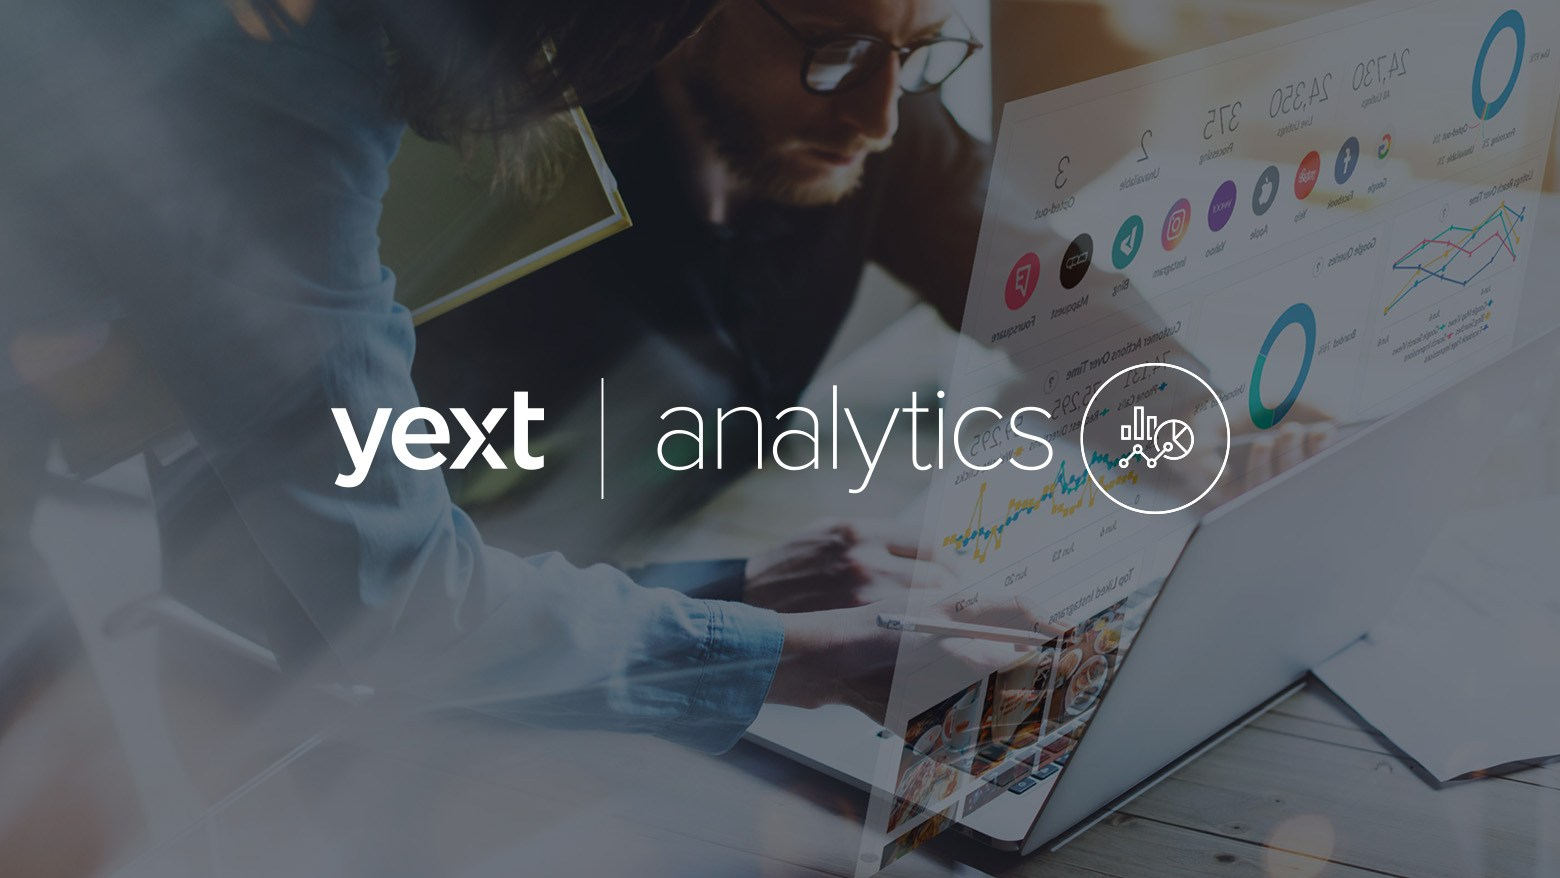 Yext Analytics